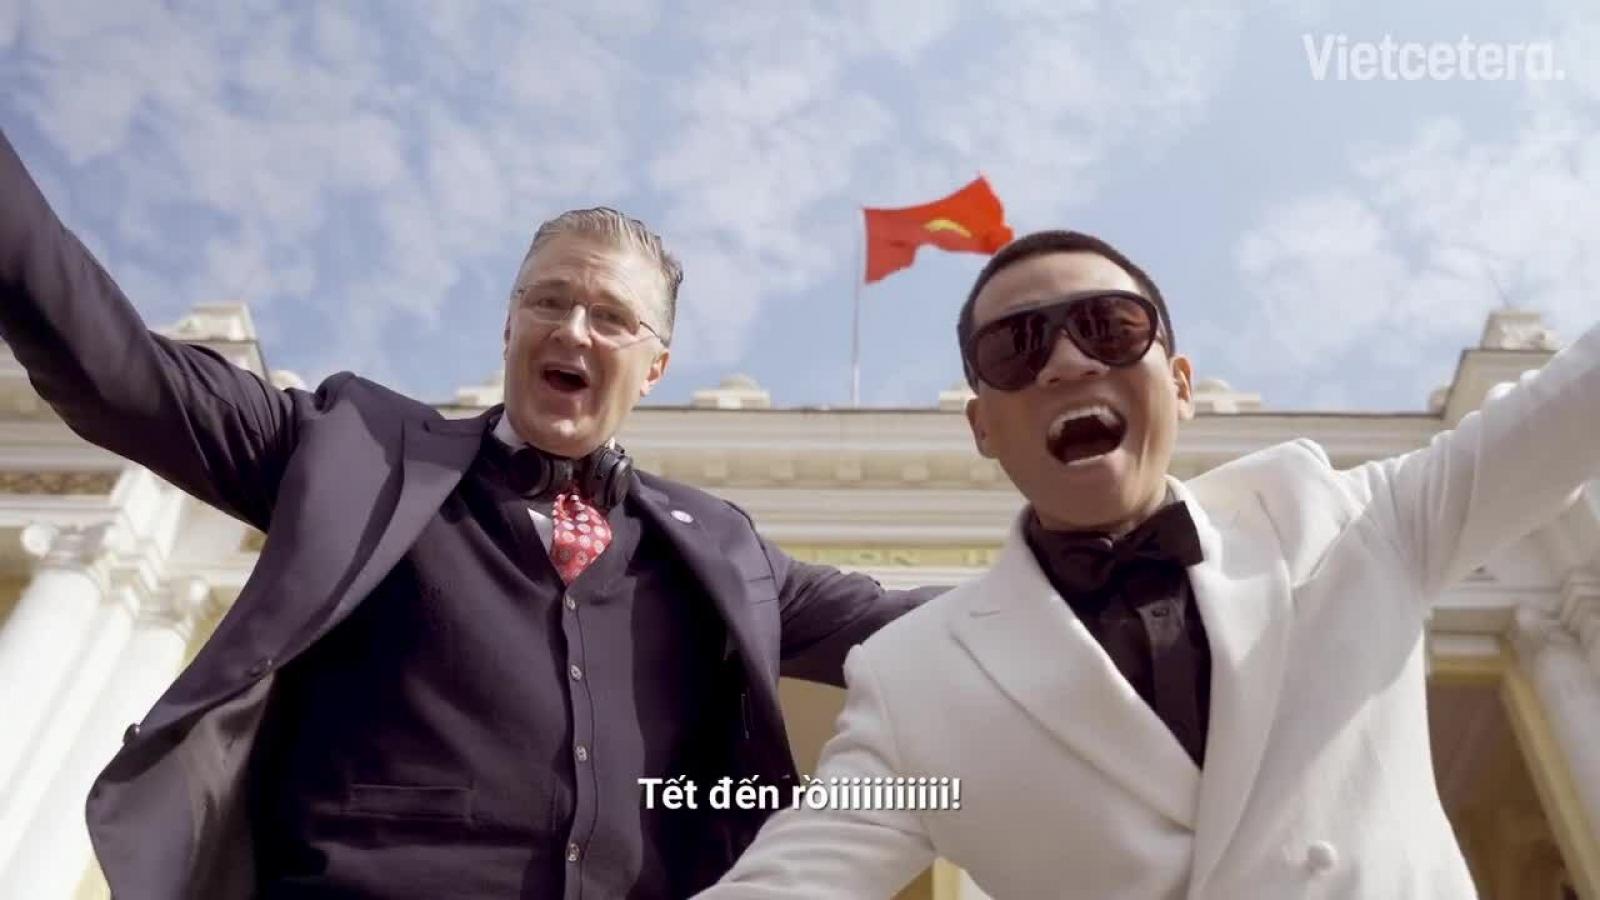 US Ambassador Kritenbrink extends Tet greetings through rap video